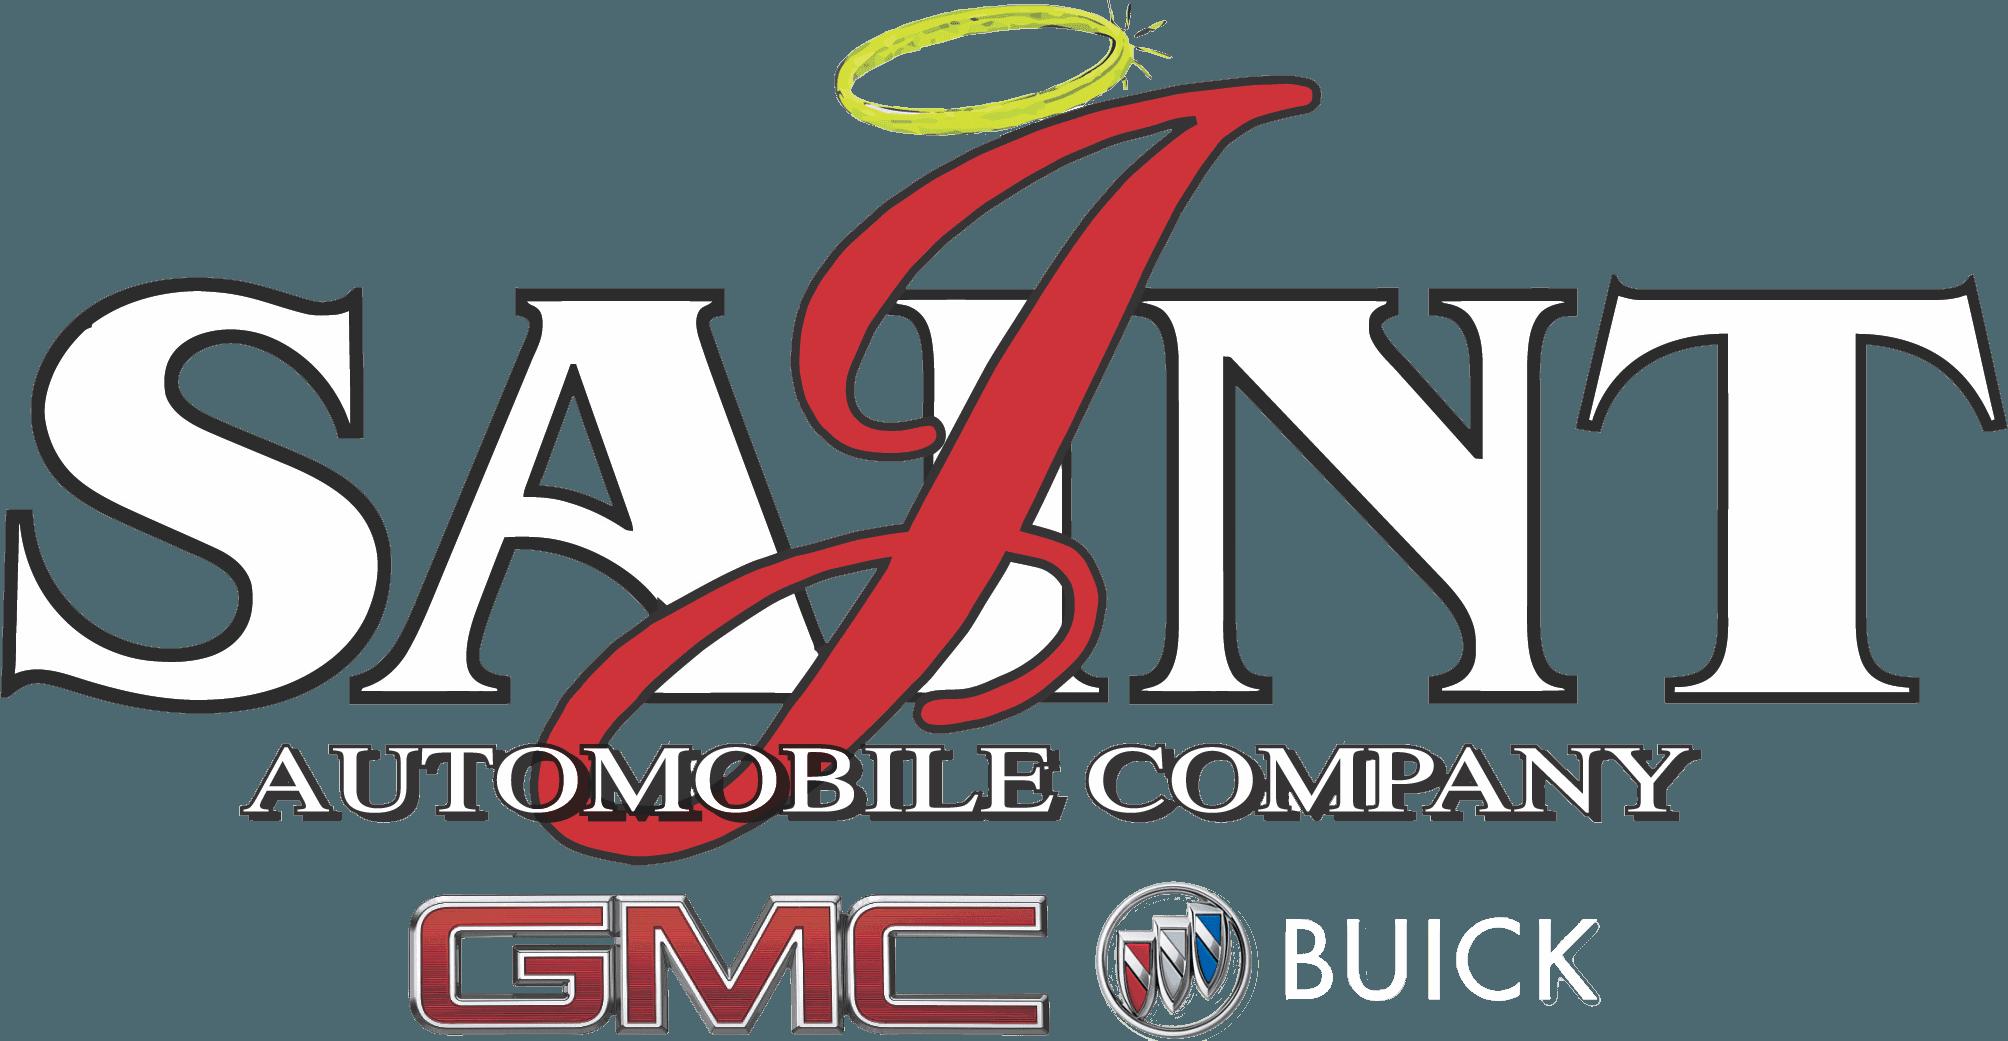 St J Auto Buick GMC in St. Johnsbury, Vermont